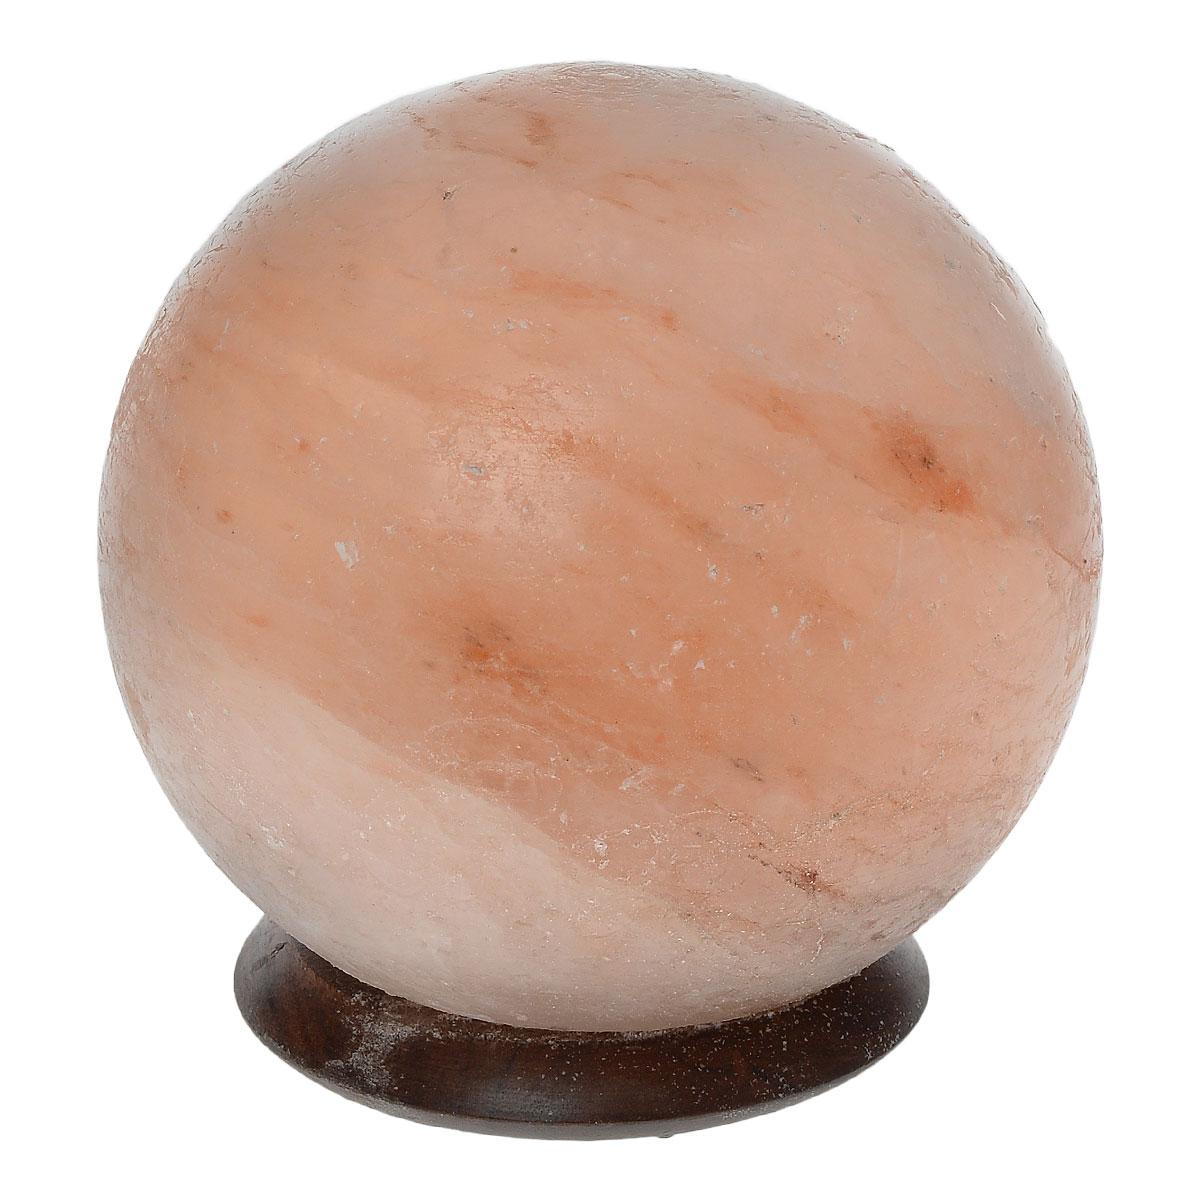 """Лампа Zenet """"Шар"""", изготовленная из природной каменной соли, имеет форму шара. Материал плафона лампы - натуральная гималайская соль из Пакистана. Соль в холодном состоянии обладает способностью поглощать влагу из воздуха, а при нагреве выделять влагу. Источником света в лампе служит электрическая лампочка (входит в комплект). Изделие имеет деревянную подставку.Солевая лампа станет не только прекрасным элементом интерьера, но и мягким природным ионизатором, который принесет в ваш дом красоту, гармонию и здоровье. Преимущества очищения воздуха каменной солью:- облегчение головной боли при мигрени, - повышение уровня серотонина в крови, - уменьшение тяжести приступов астмы, - укрепление иммунной системы и снижение уязвимости к простуде и гриппу. Напряжение: 220 В. Максимальная мощность: 15 Вт. Тип патрона: Е14.Высота лампы: 16 см. Диаметр: 14 см.Диаметр подставки: 10 см. Высота подставки: 2 см. Длина шнура: 190 см."""